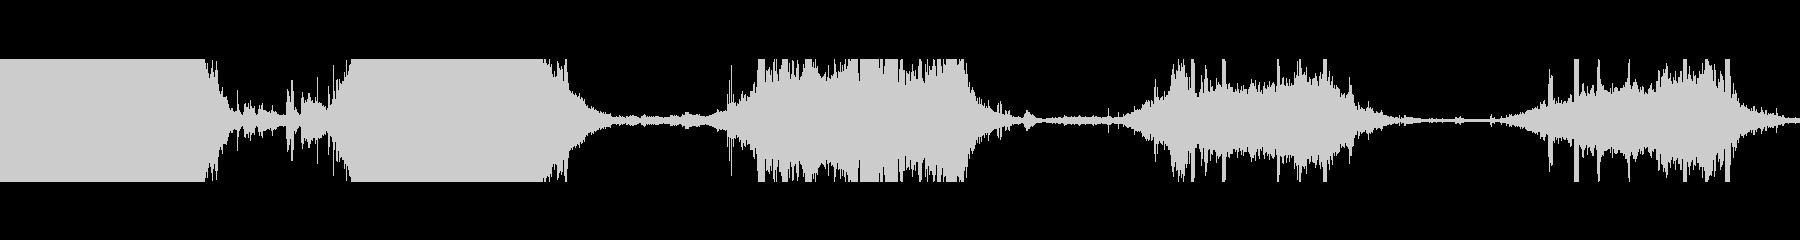 電車の地下鉄車のインテリアbの未再生の波形